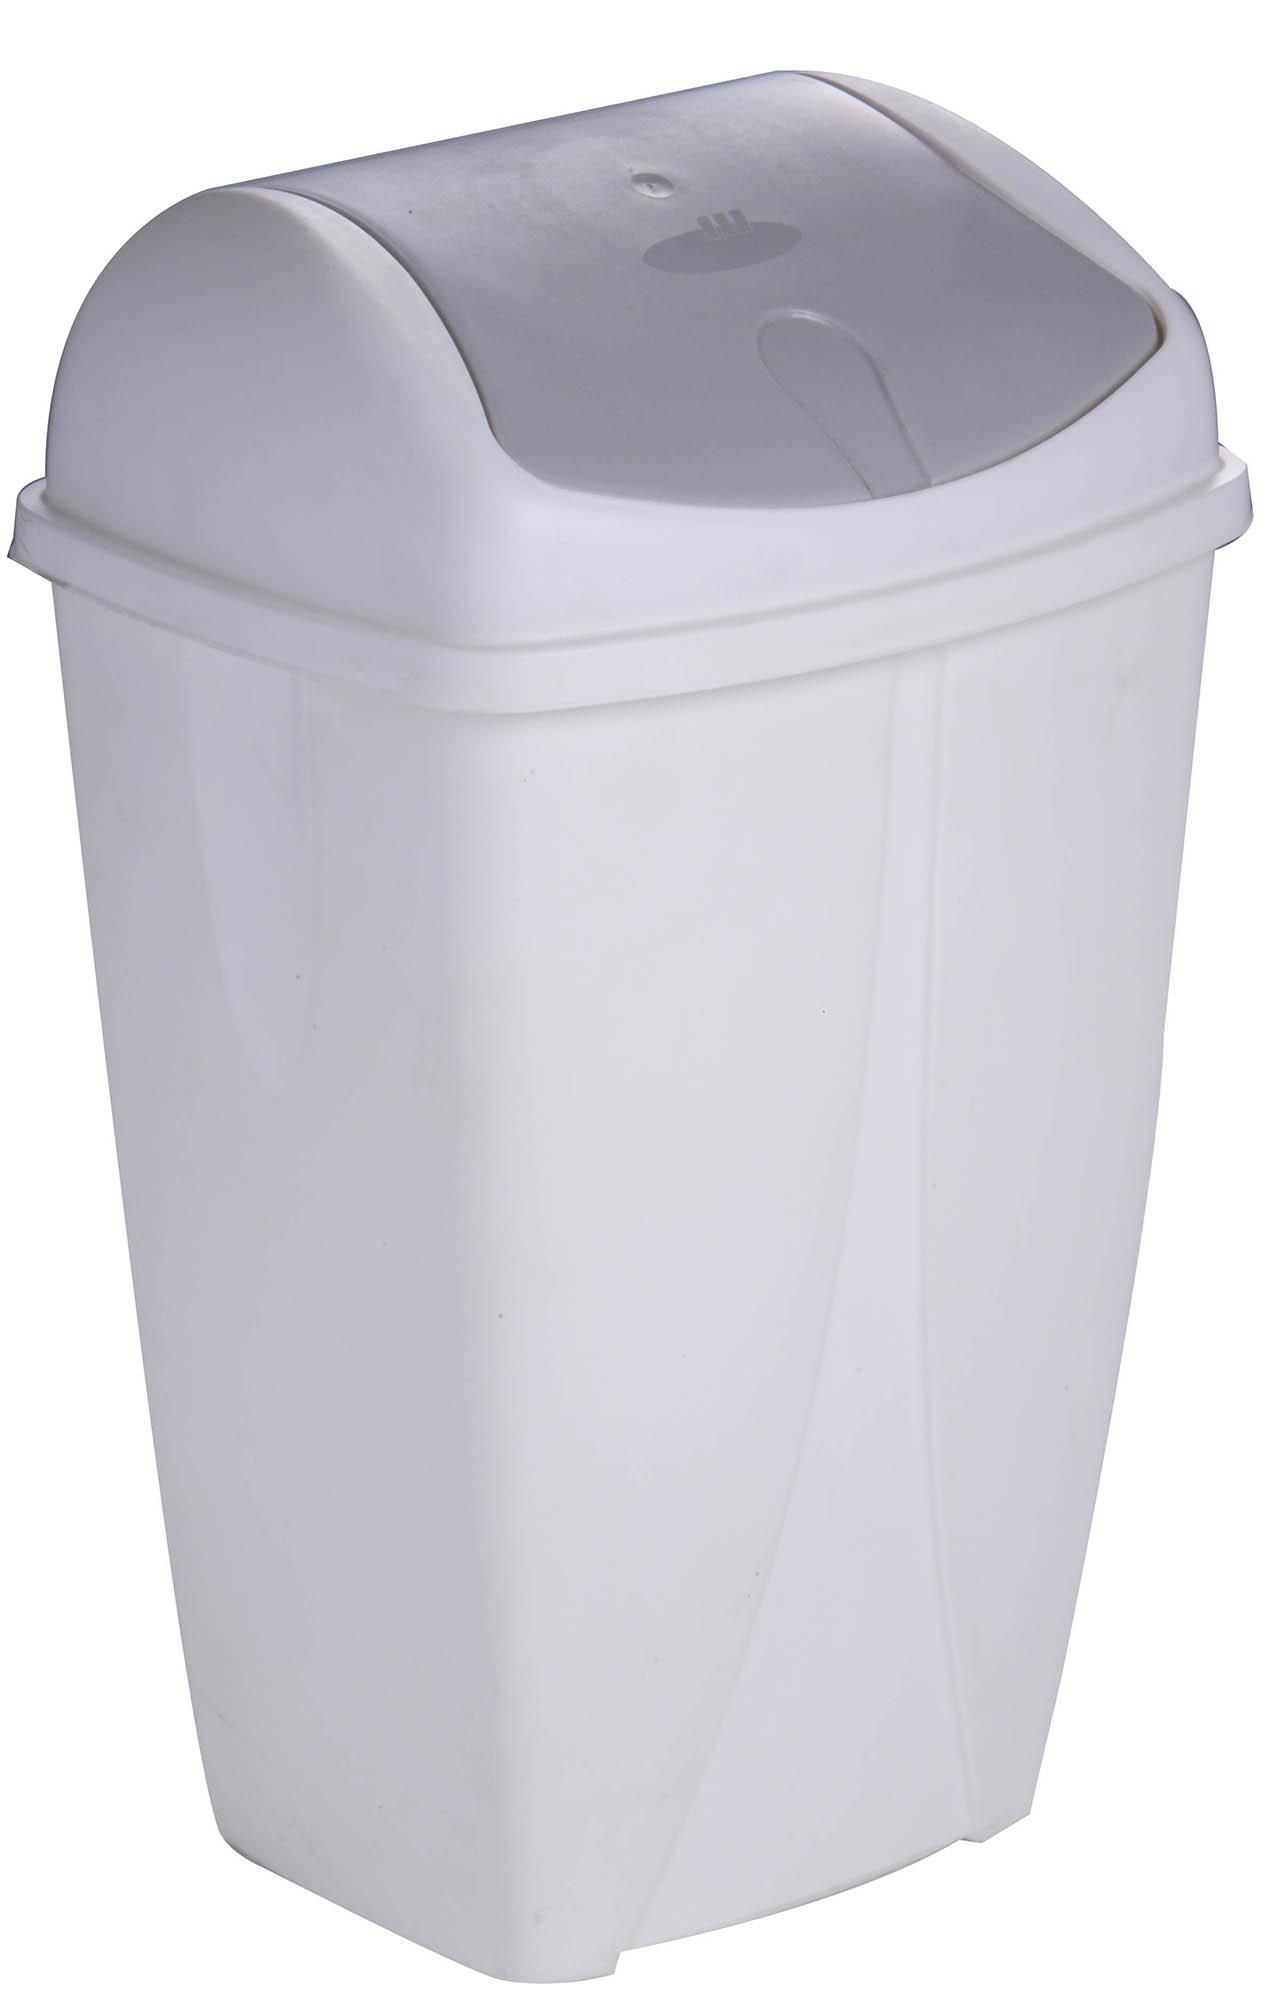 poubelle clapet 10 litres blanc plastique. Black Bedroom Furniture Sets. Home Design Ideas